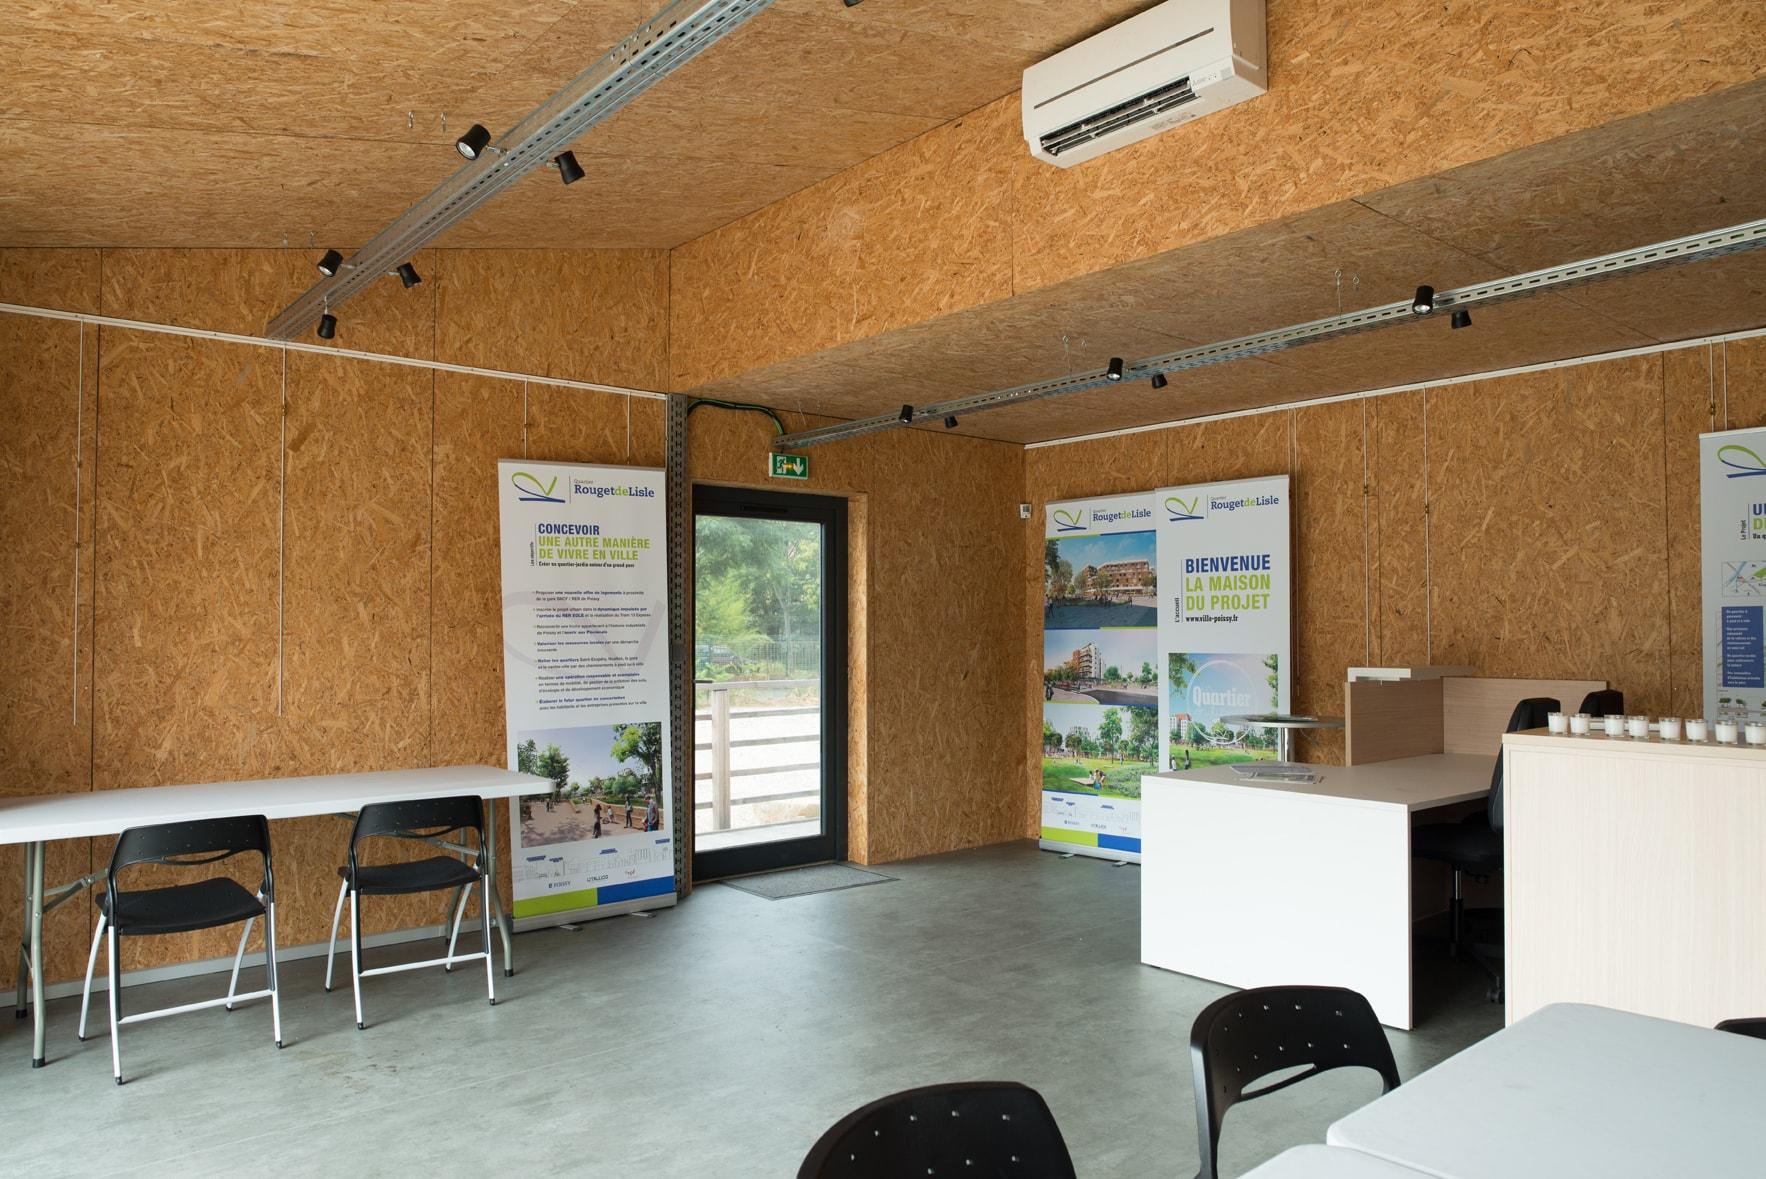 Maison du projet intérieur Poissy Agilcare